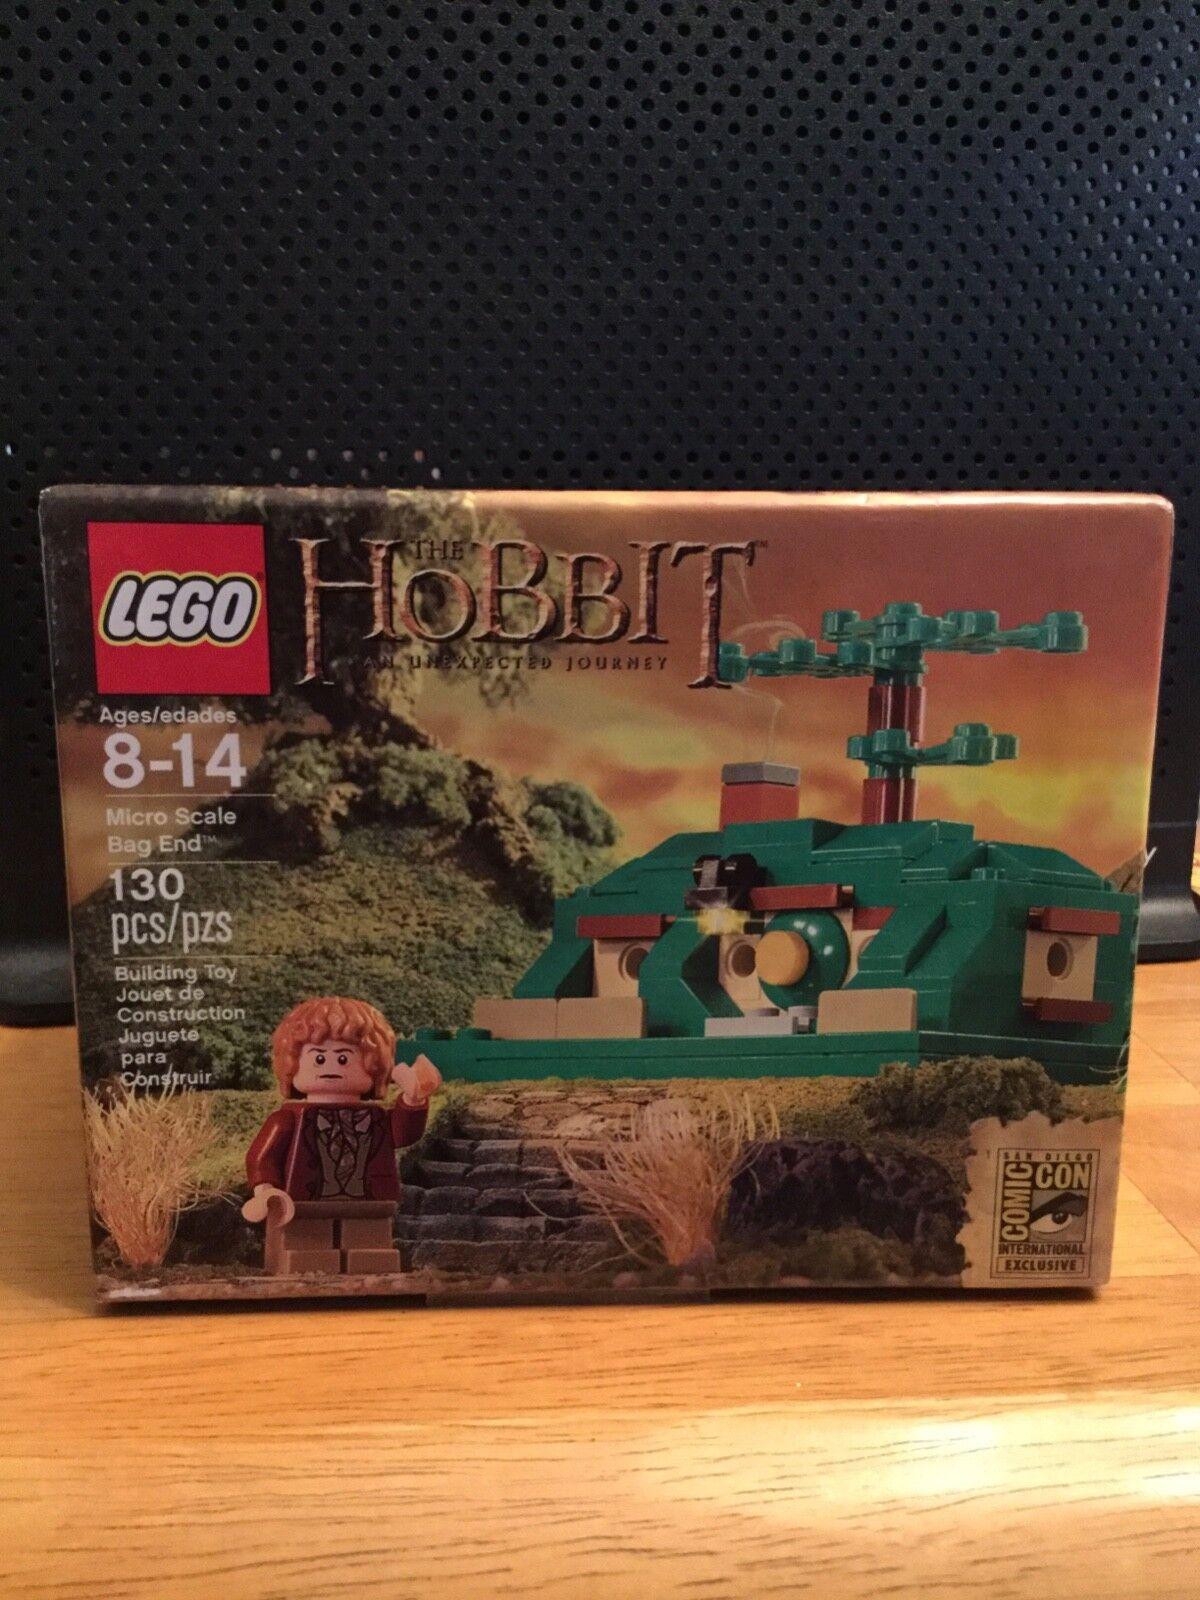 Lego Sdcc 2013 El Hobbit Señor De Los Anillos Nuevo Exclusivo Bilbo Bolsón